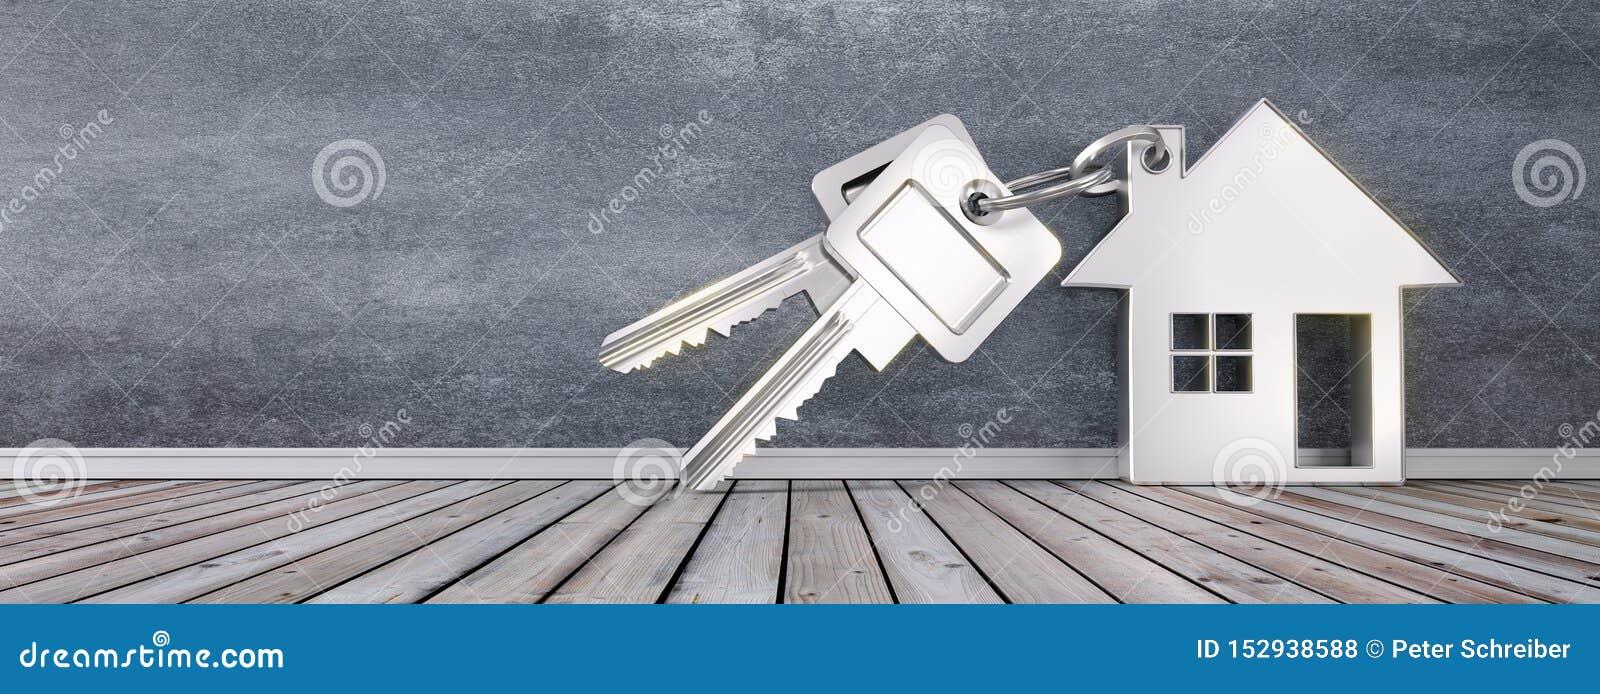 Ασημένιο βασικό σπίτι αλυσίδων με τα ασημένια κλειδιά